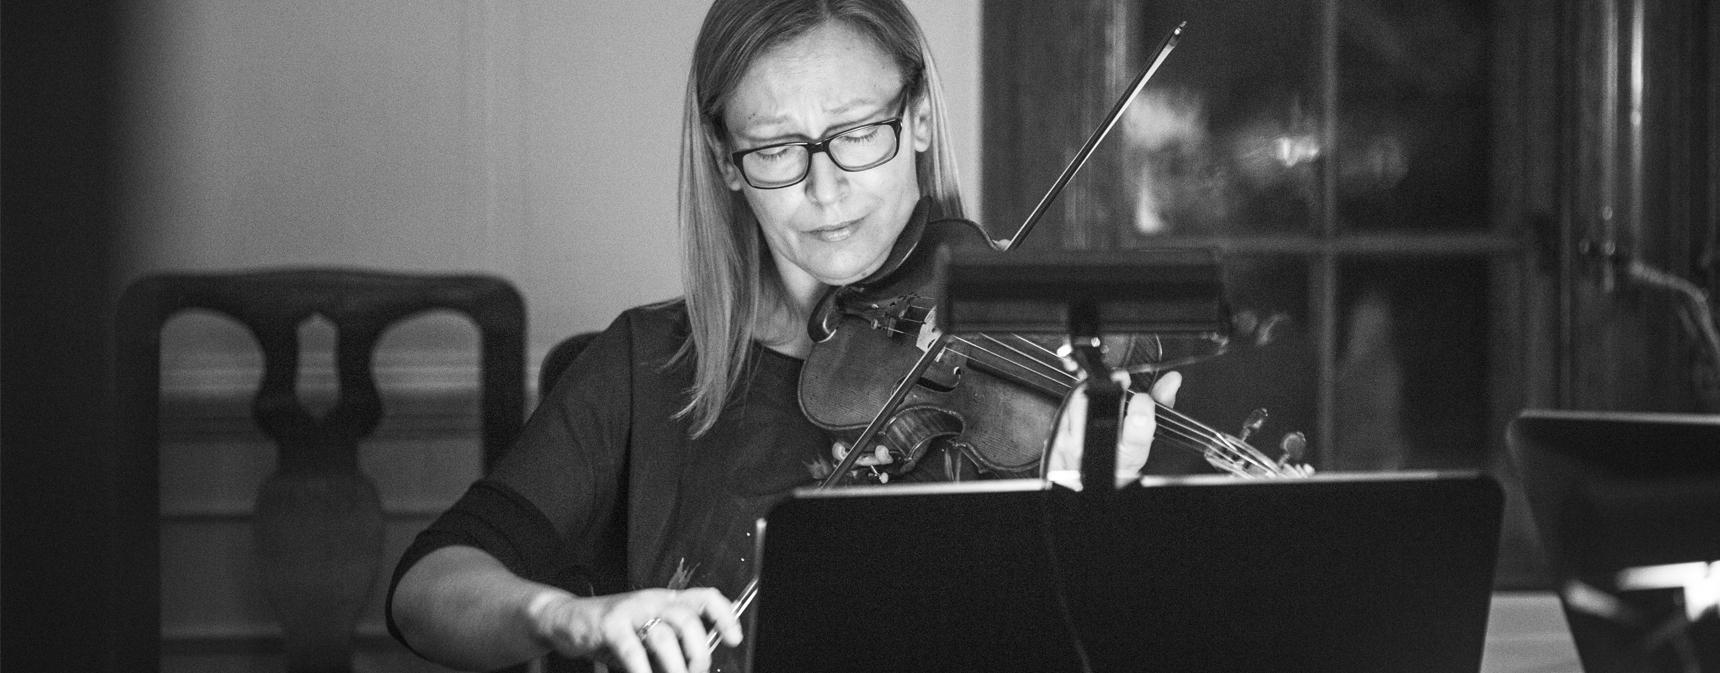 Dorota Siuda, konsertmästare och violinist i Musica Vitae, spelar violin framför ett notställ